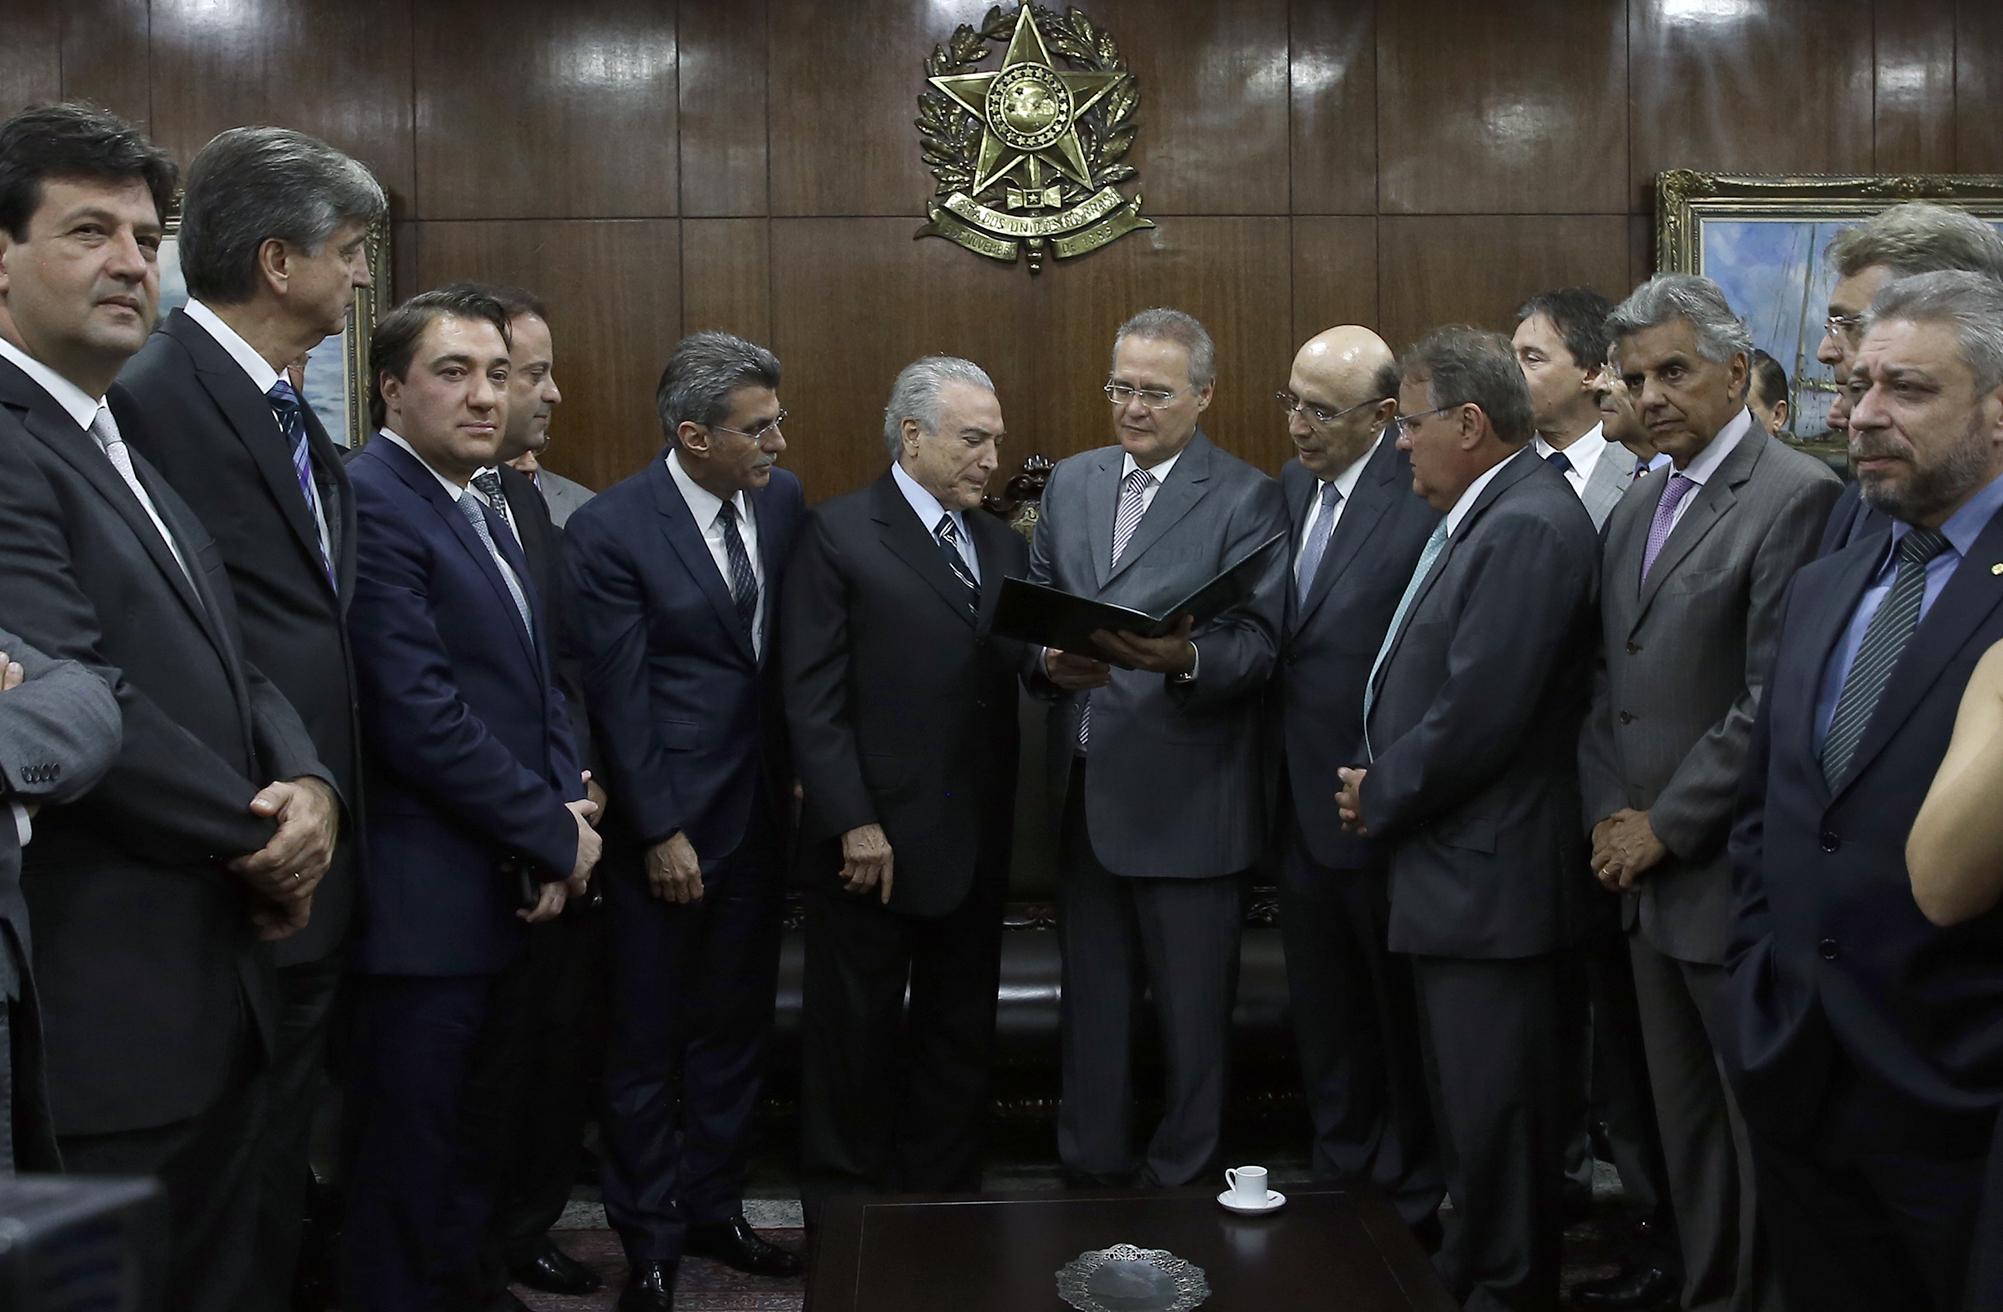 CNI apoia propostas defendidas pelo atual governo que vão amargar a vida do trabalhador em nome da salvação econômica brasileira